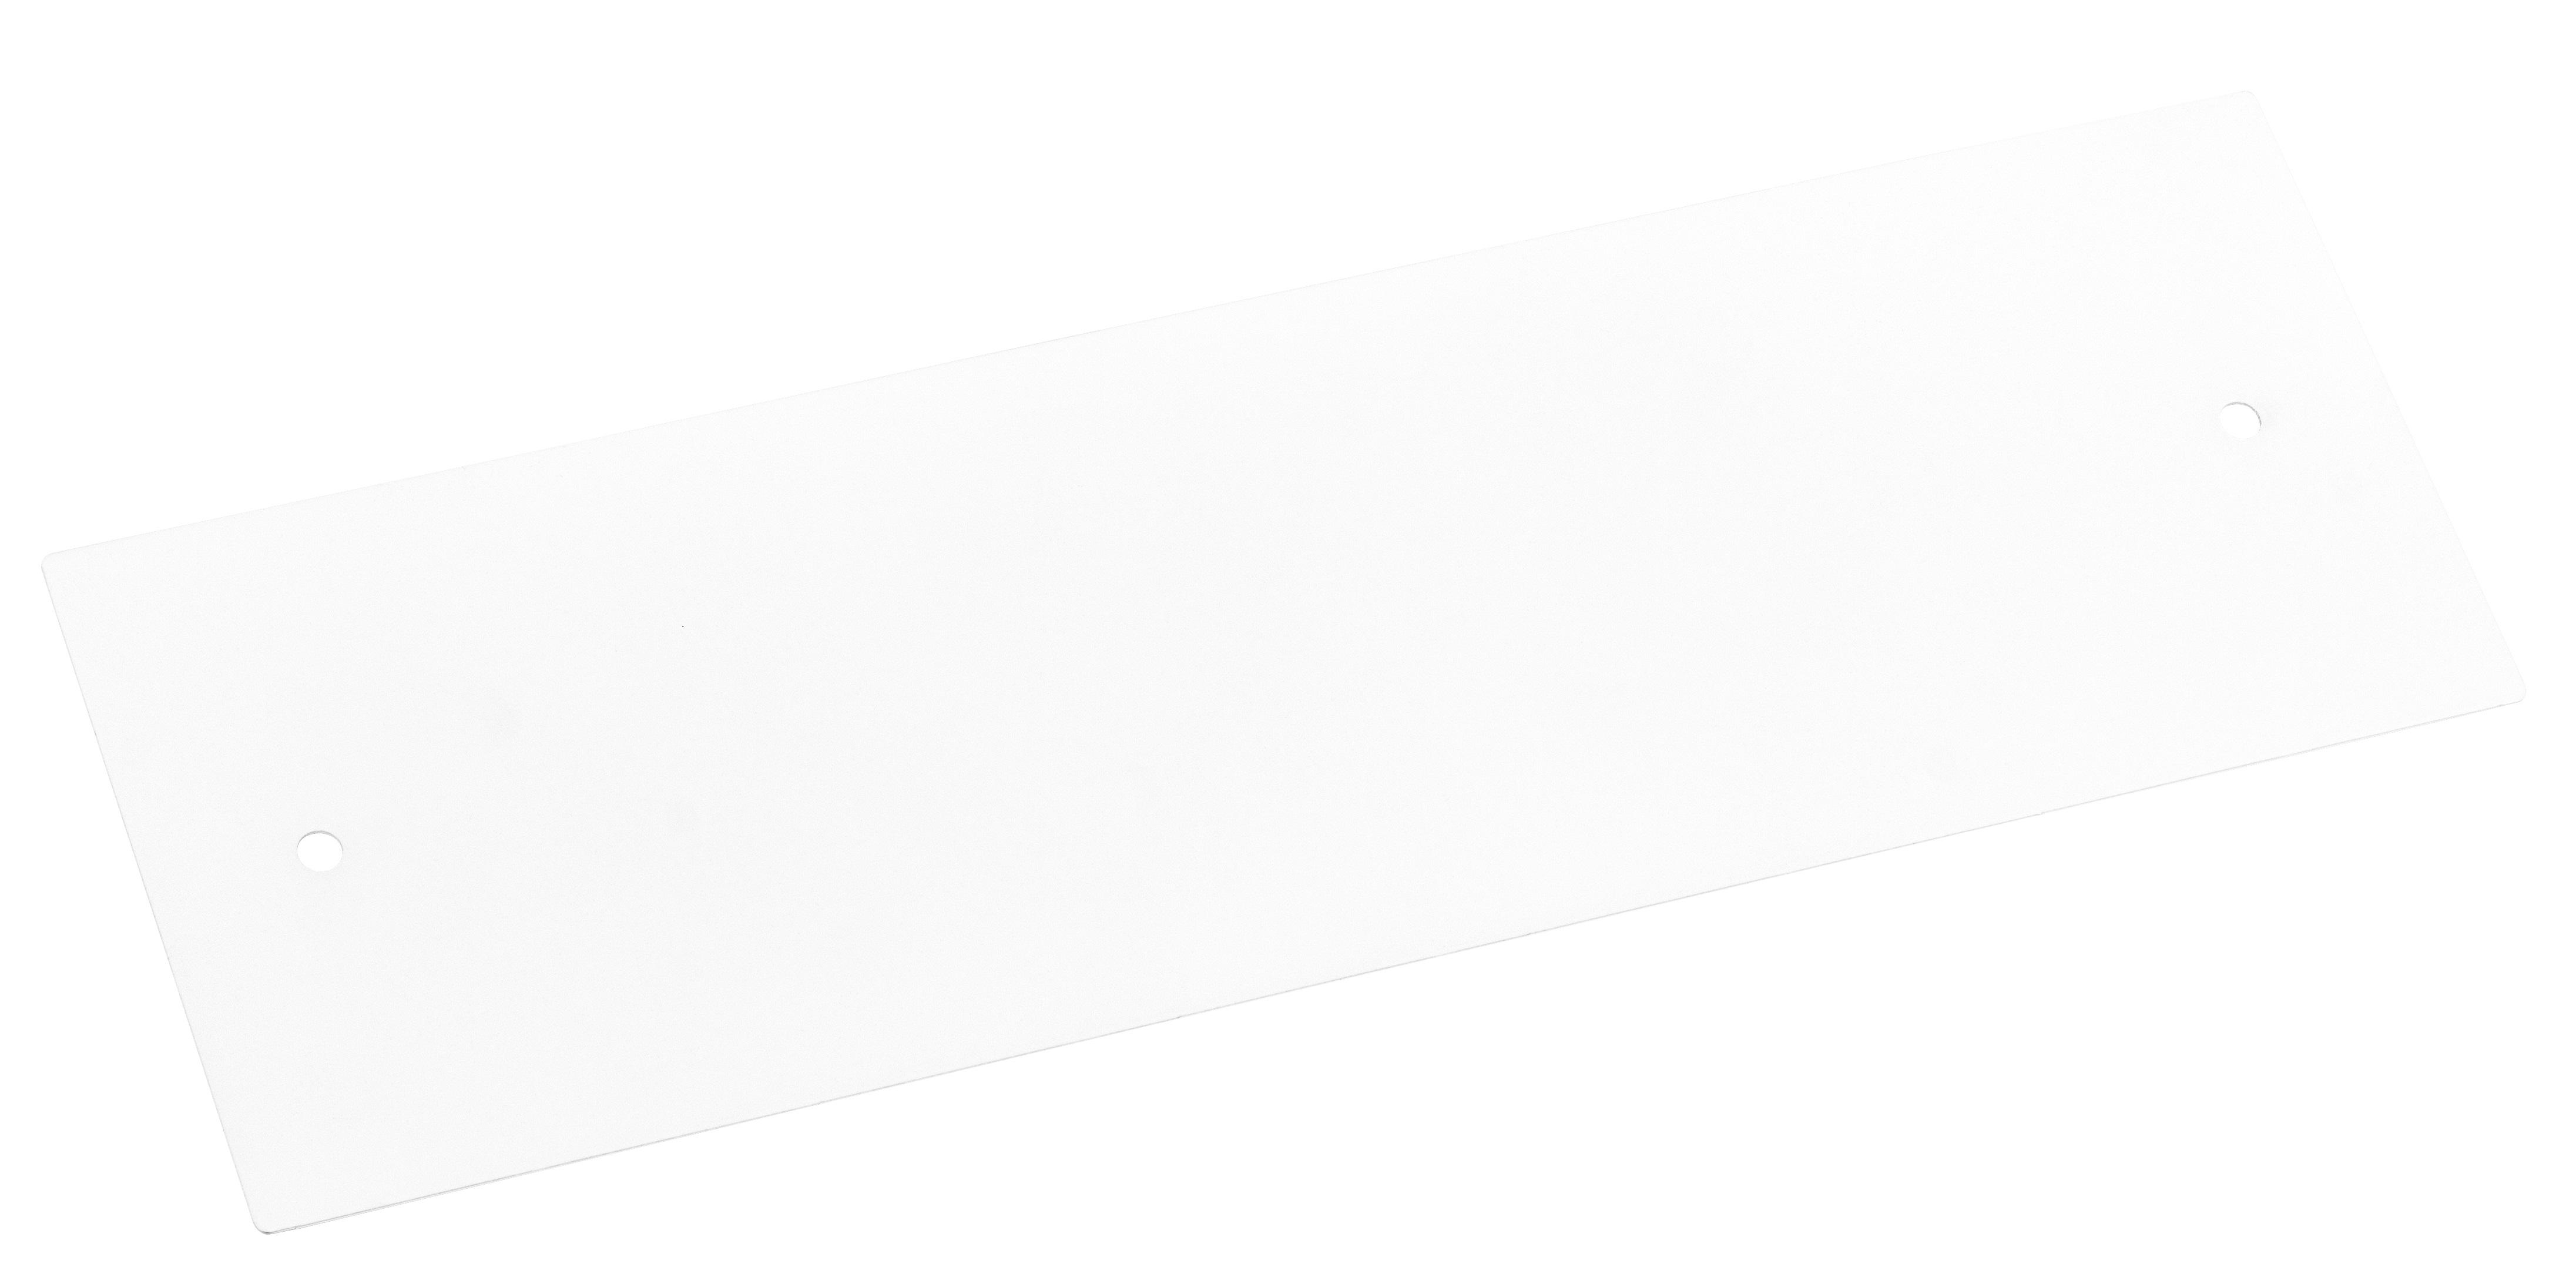 1 Stk Seitenabdeckung (AP-Montage) für DW4Hx1…, H=166mm, RAL7035 DW4HZCS1--